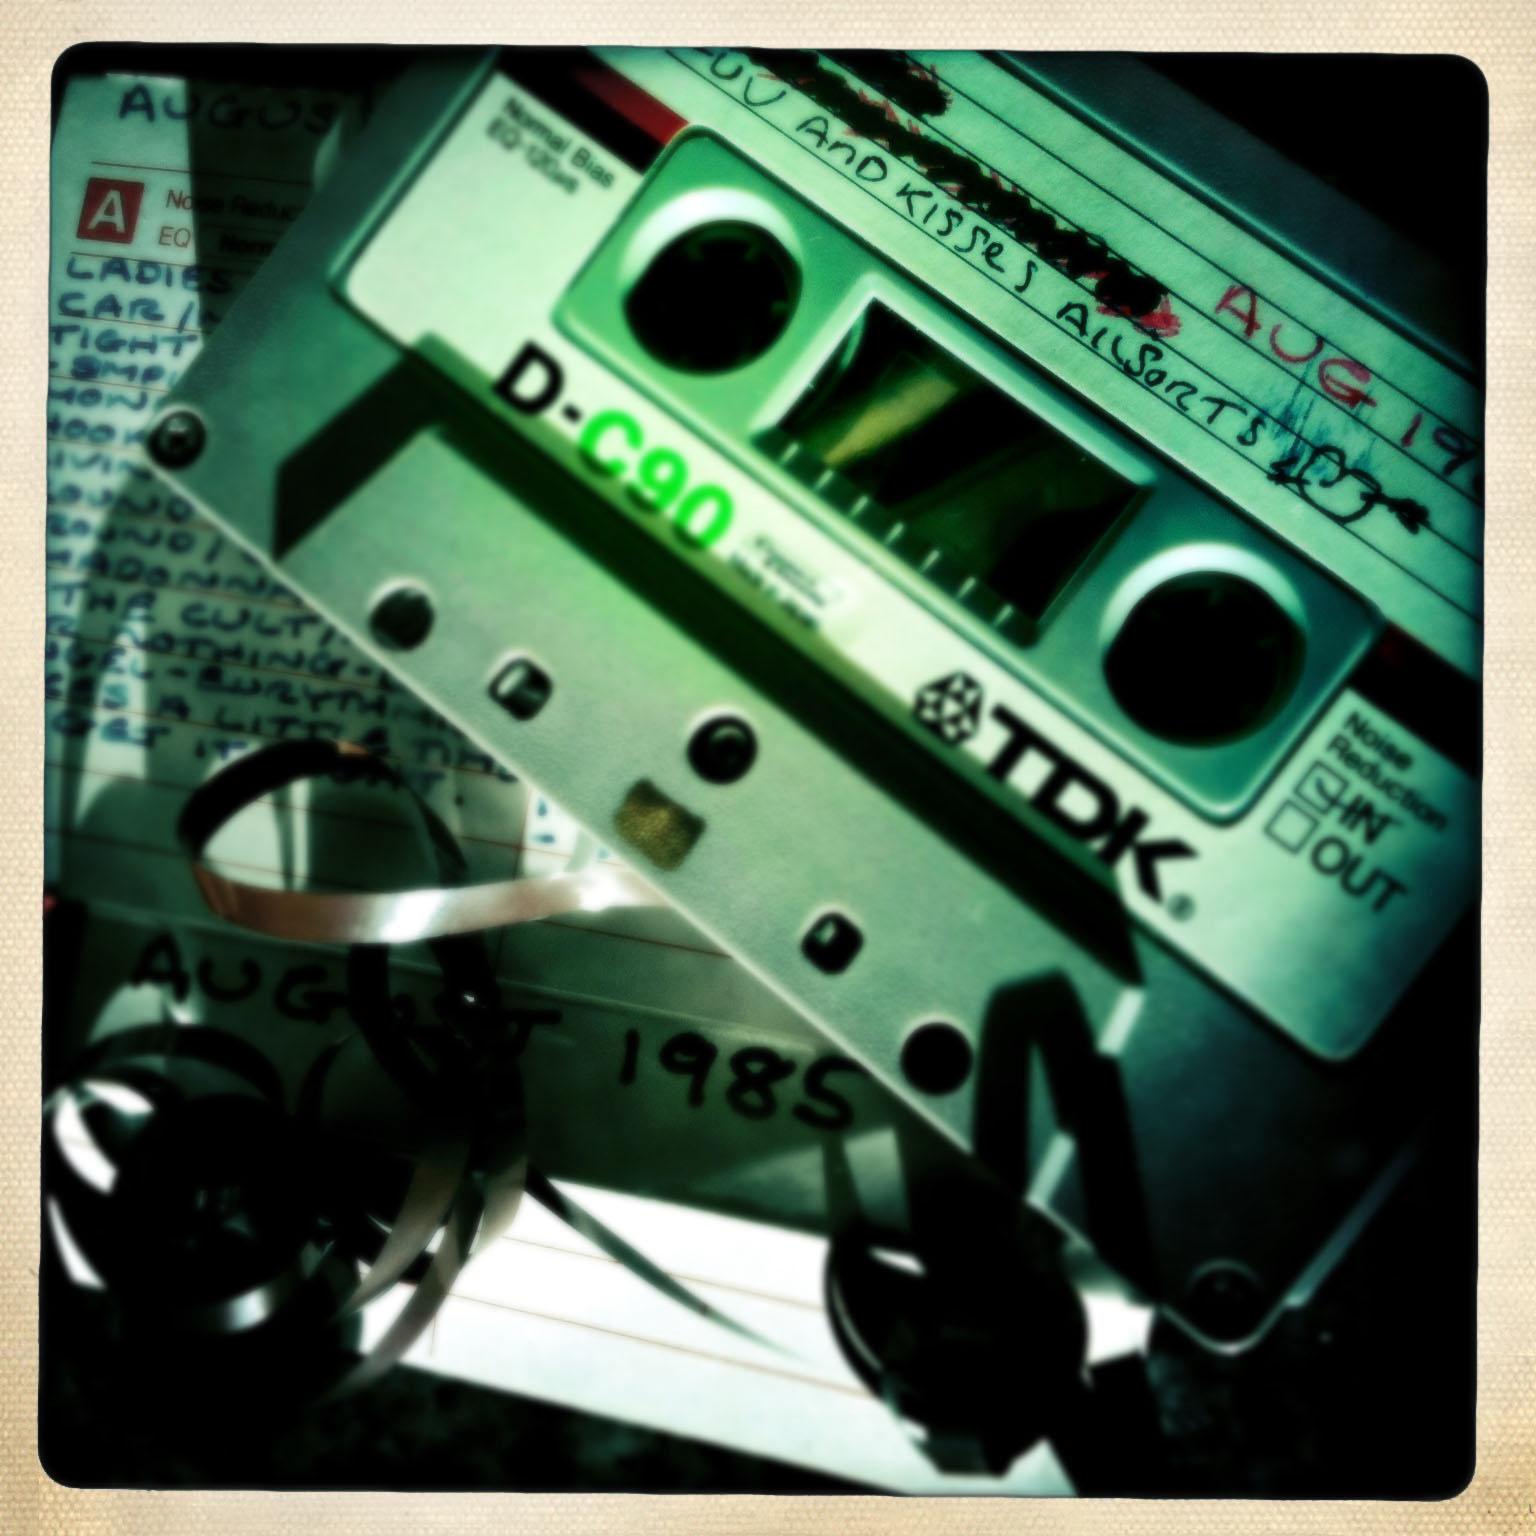 hipstamatic,story,tony,smith,hotpix,tonysmith,tonysmithhotpix,tape,cassette,TDK,D90,C90,D-C90